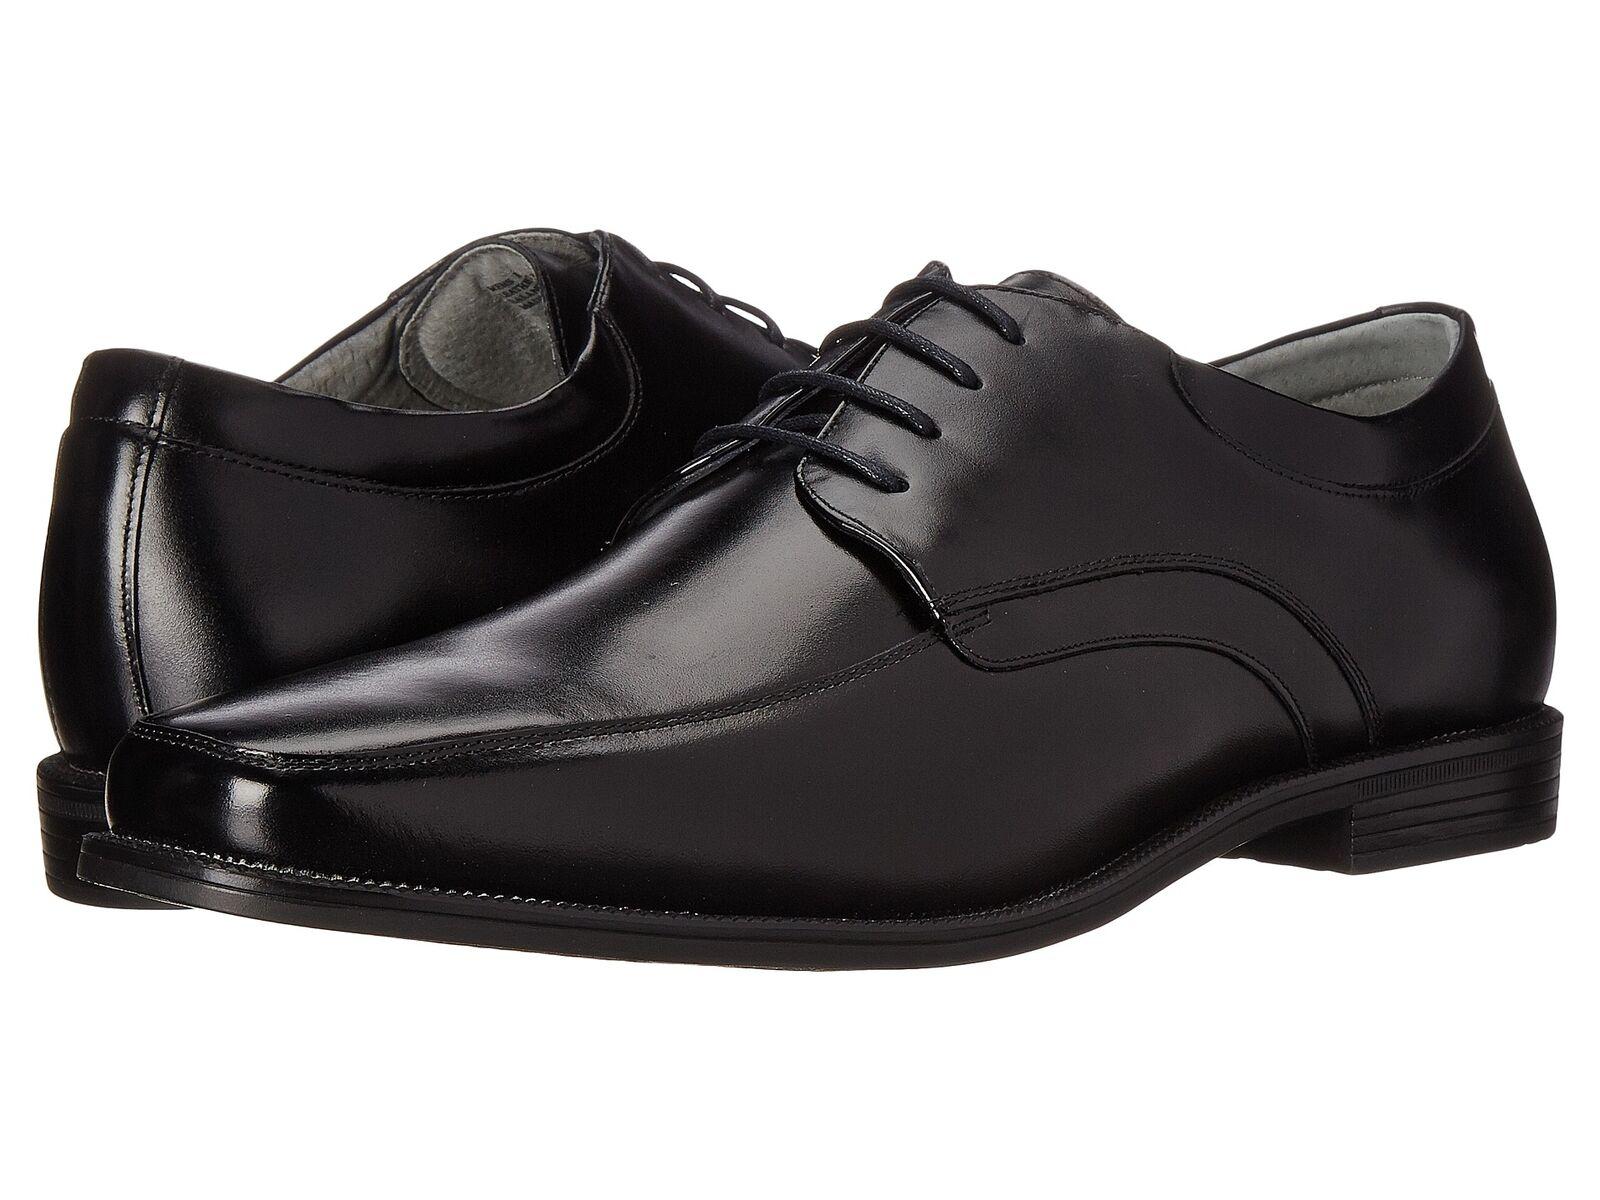 Homme Florsheim Forum Moc Toe Oxford noir chaussures en cuir 14153-001